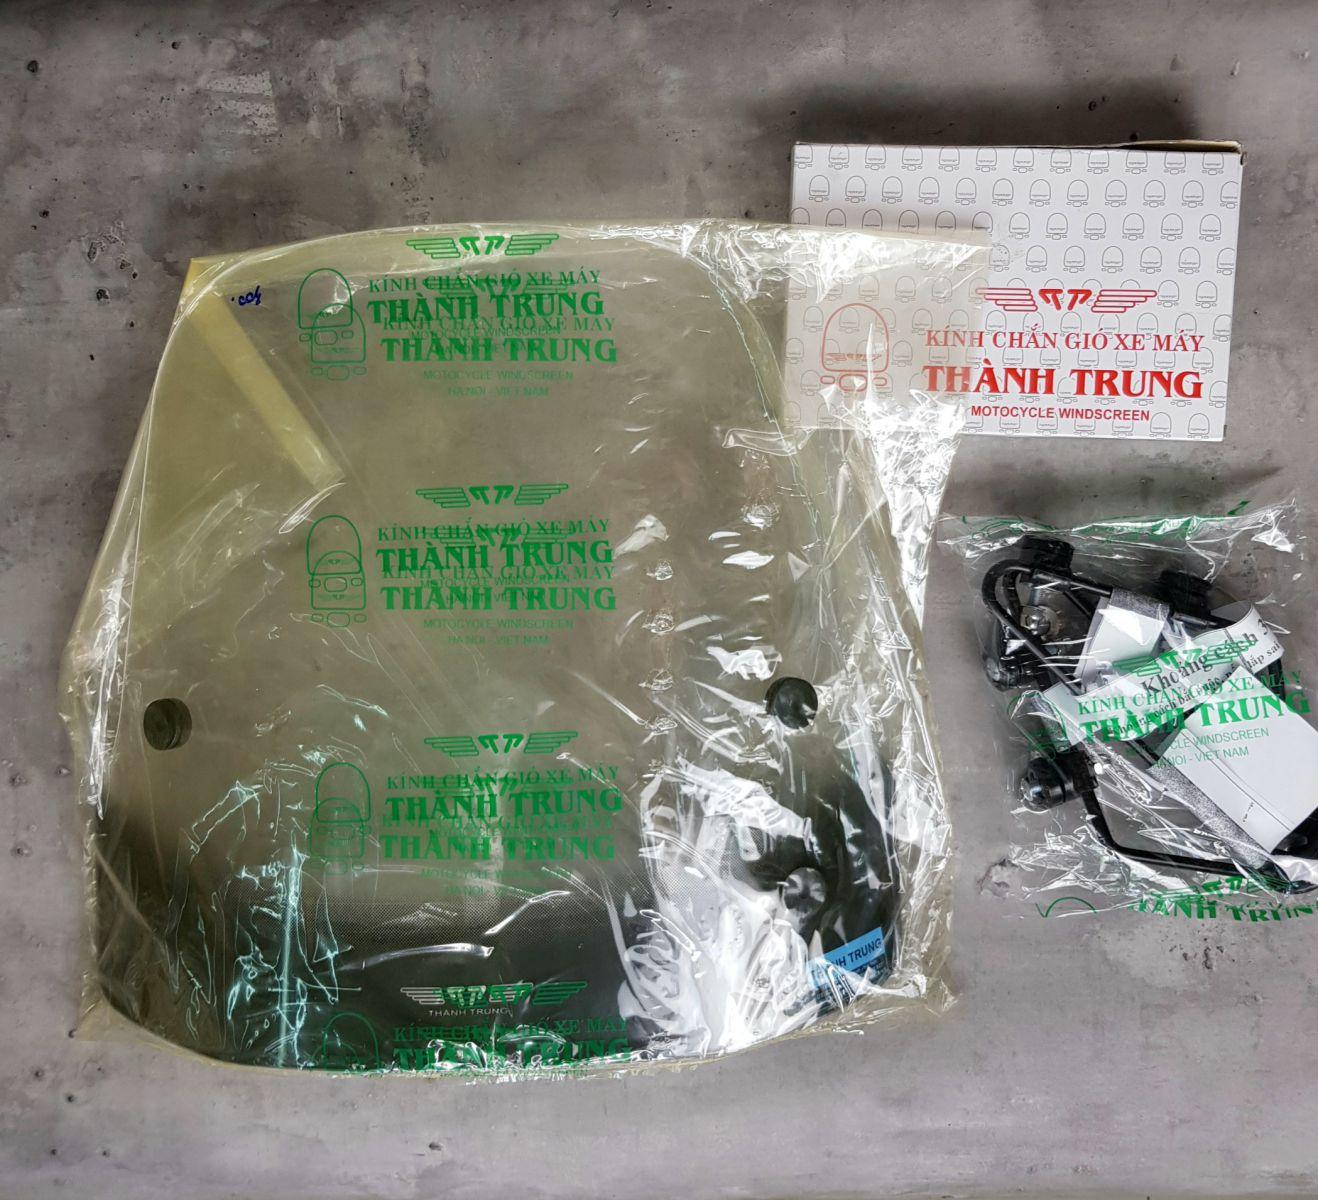 Kinh-chan-gio-xe-may-Vision-thuong-hieu-Thanh-Trung-6